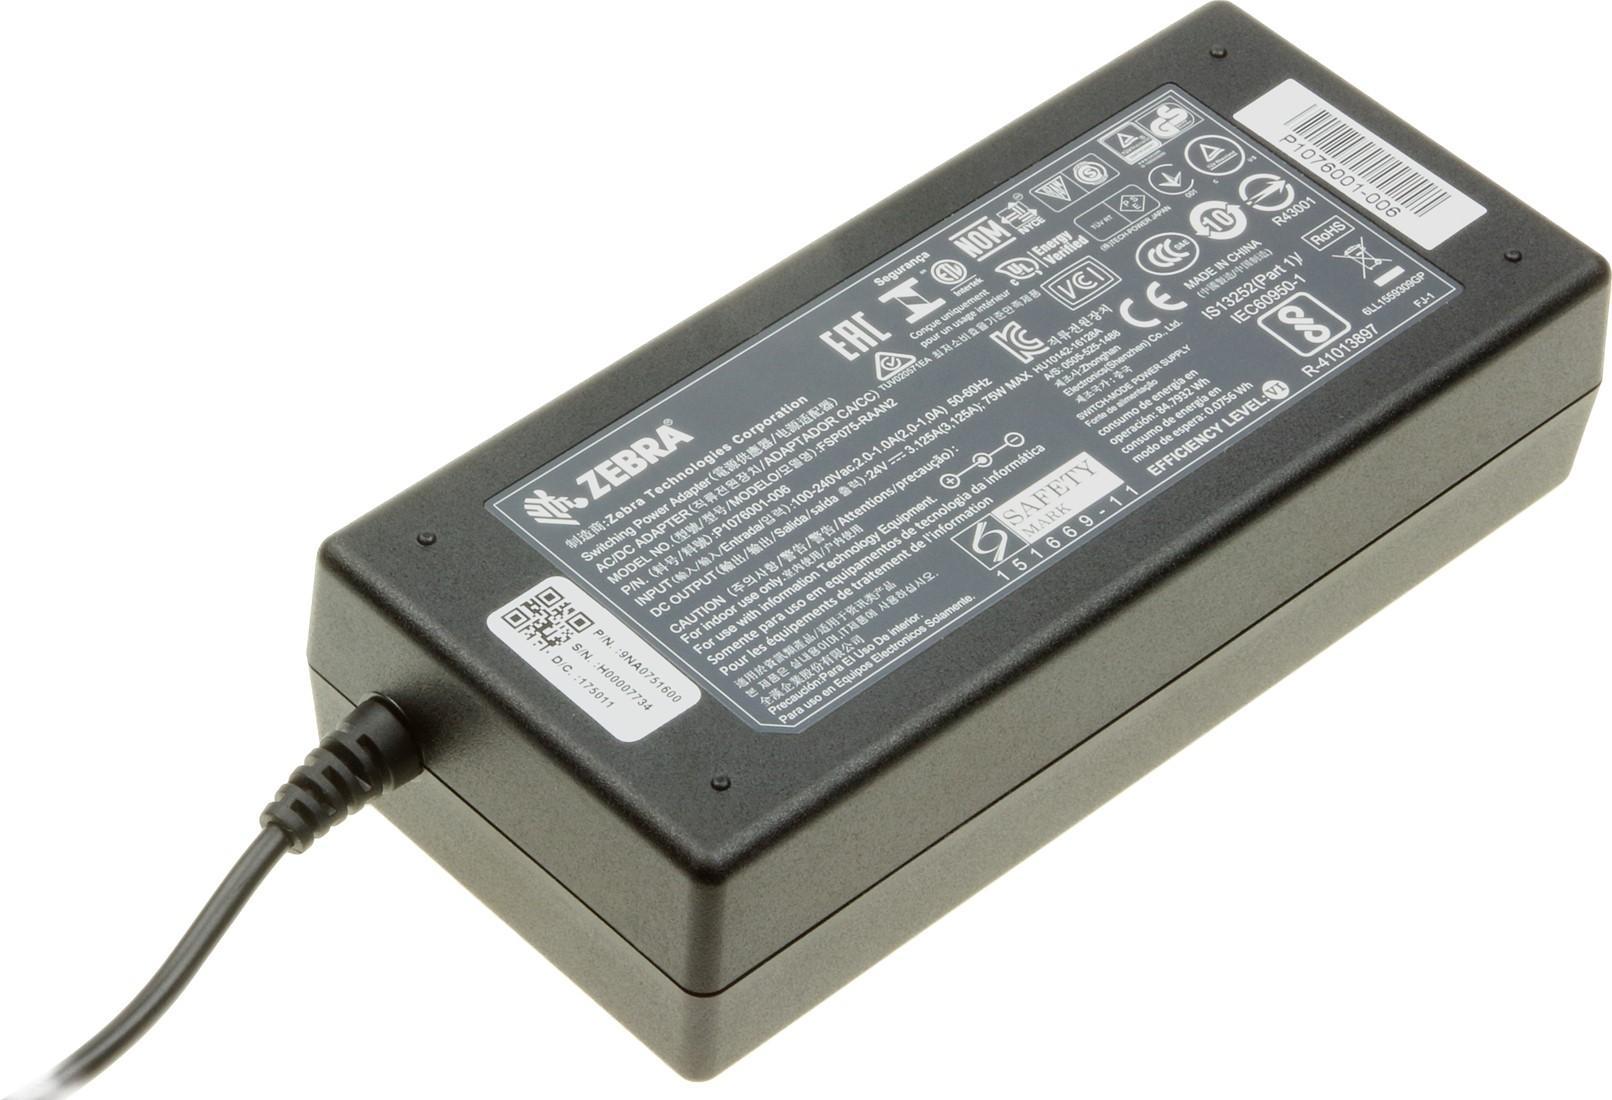 Блок питания 75W, 24V для принтера Zebra ZD410D, ZD420C, GX420D, GX420T, GX430T, ZD500